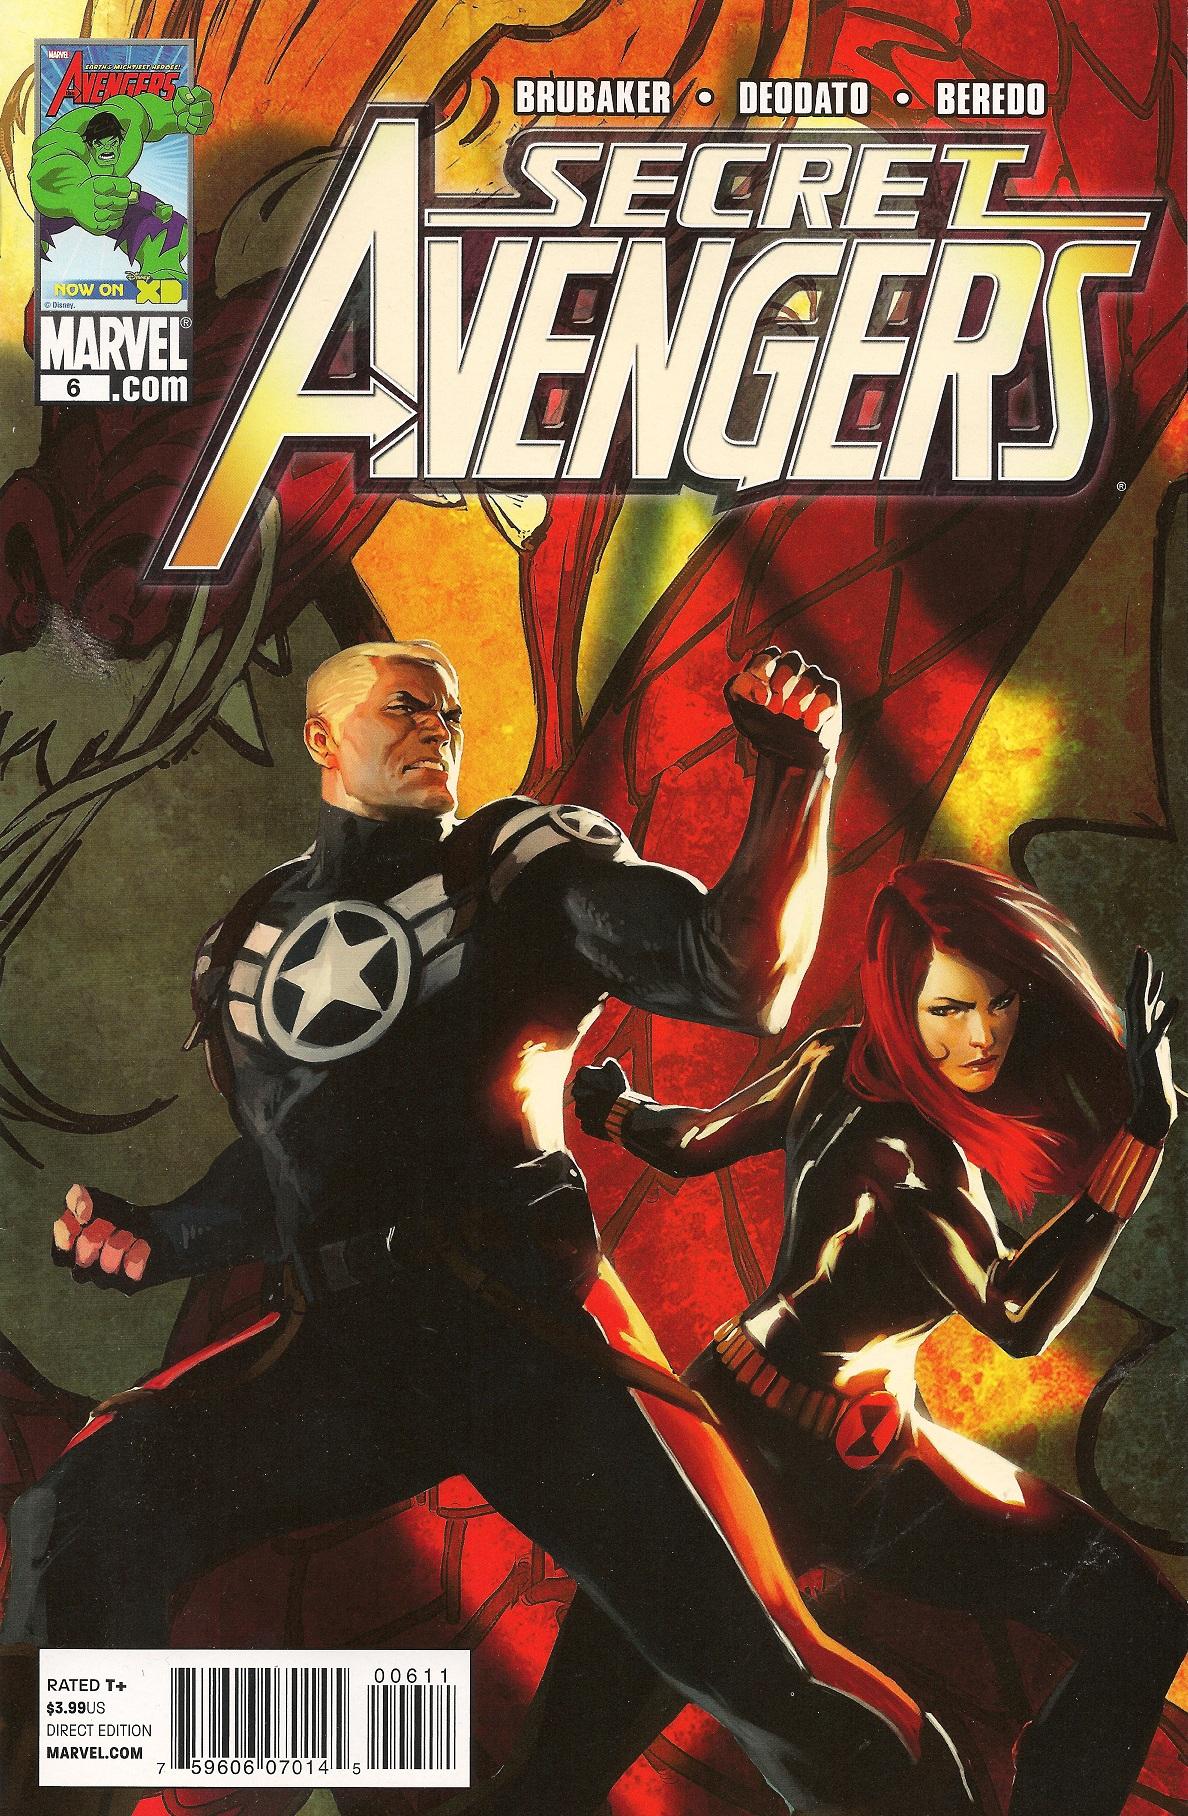 Secret Avengers Vol 1 6.jpg